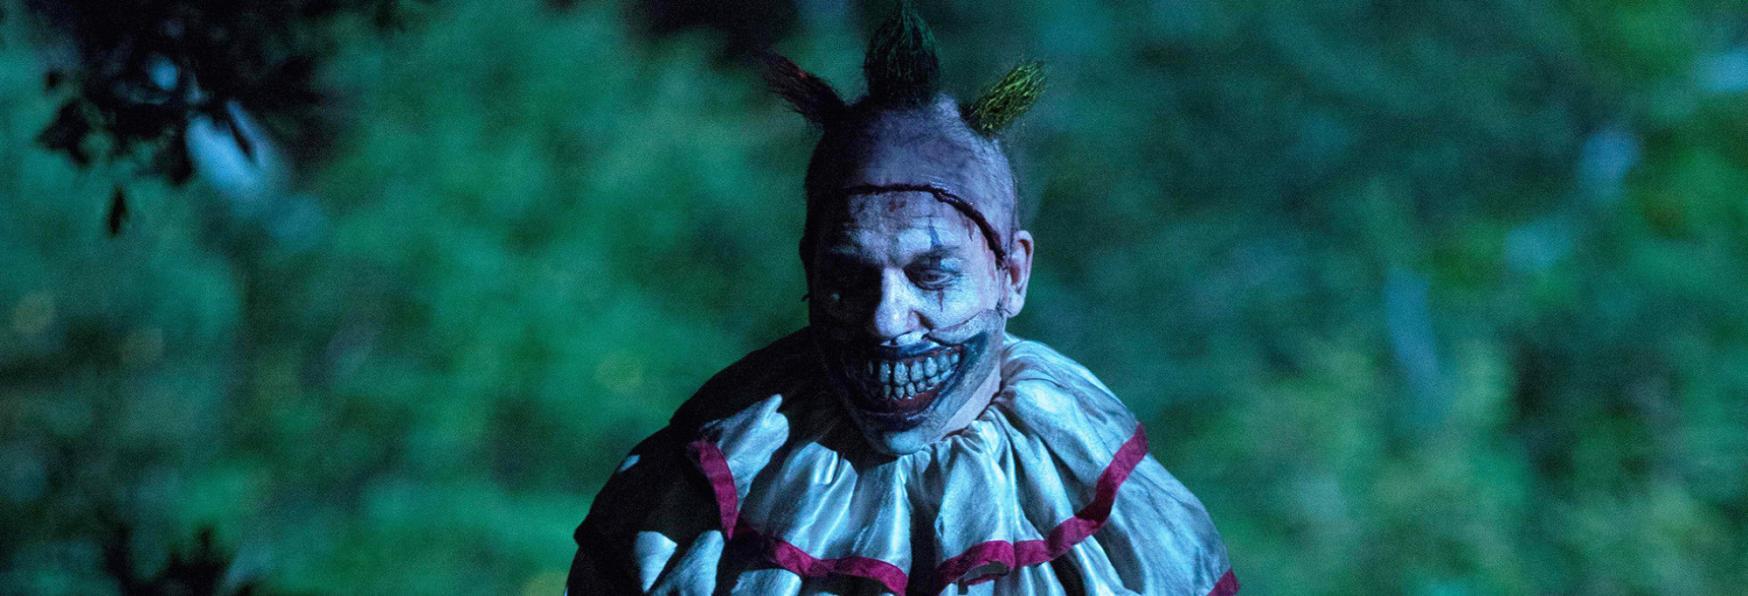 American Horror Story: Double Feature - John Carroll Lynch rassicura i Fan sulla nuova Stagione